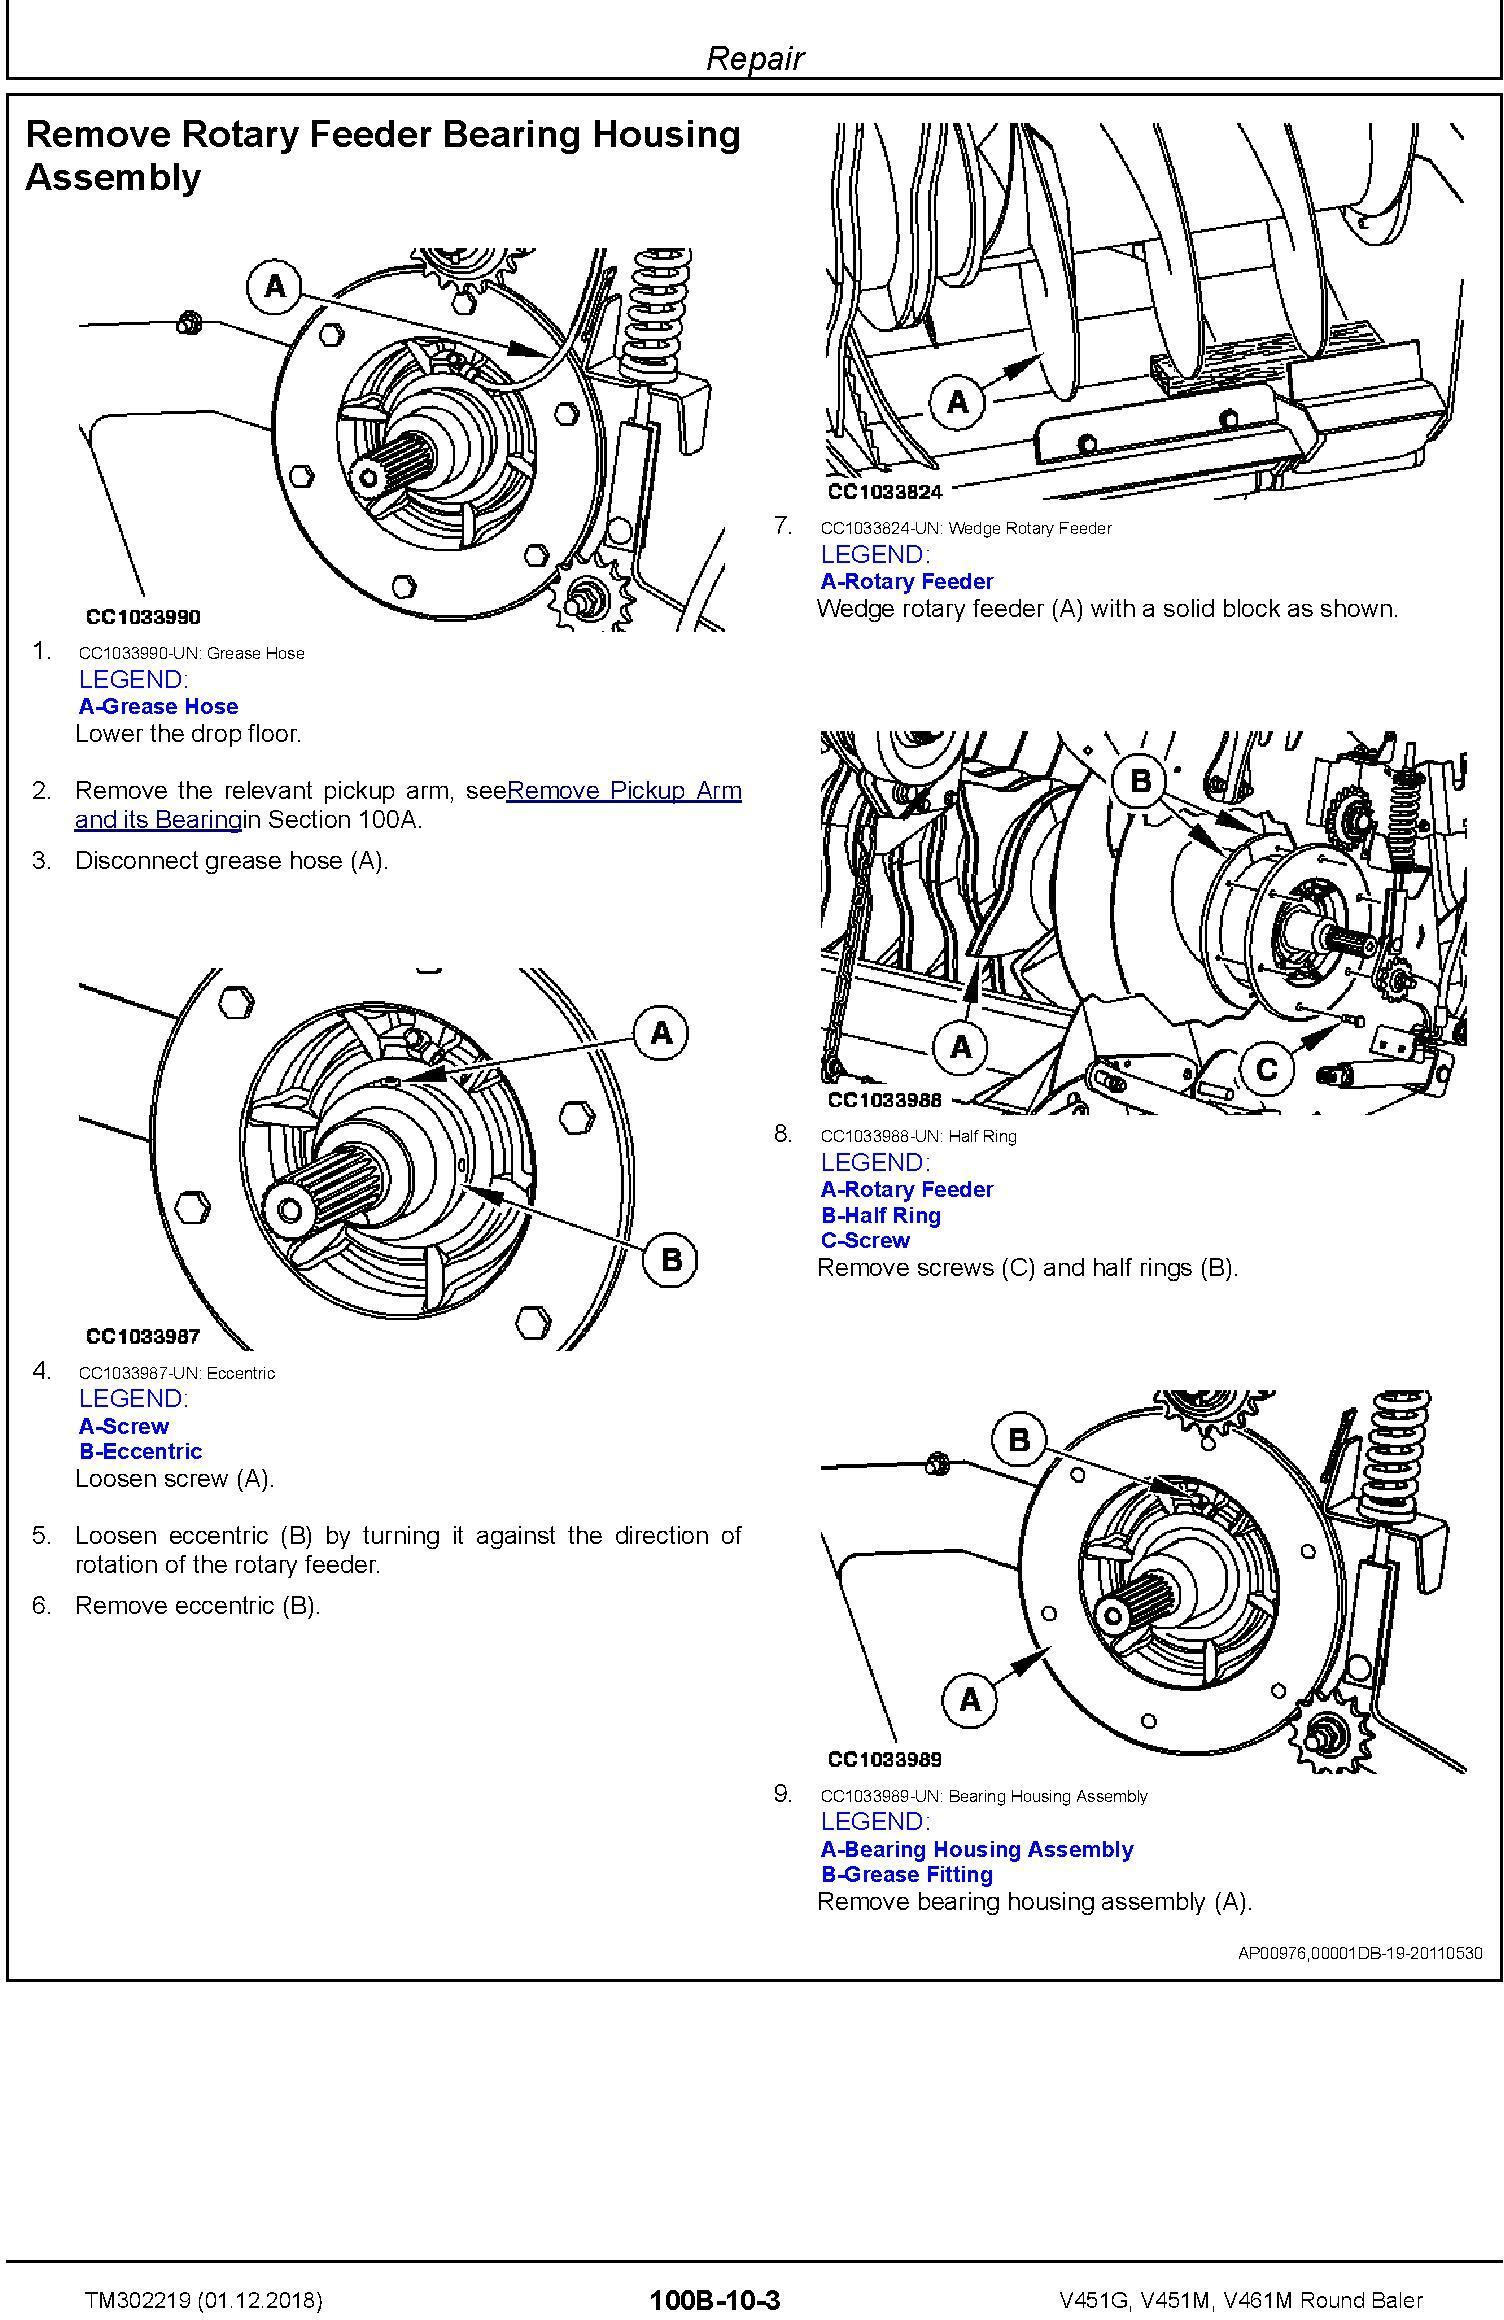 John Deere V451G, V451M, V461M Round Baler Service Repair Technical Manual (TM302219) - 1